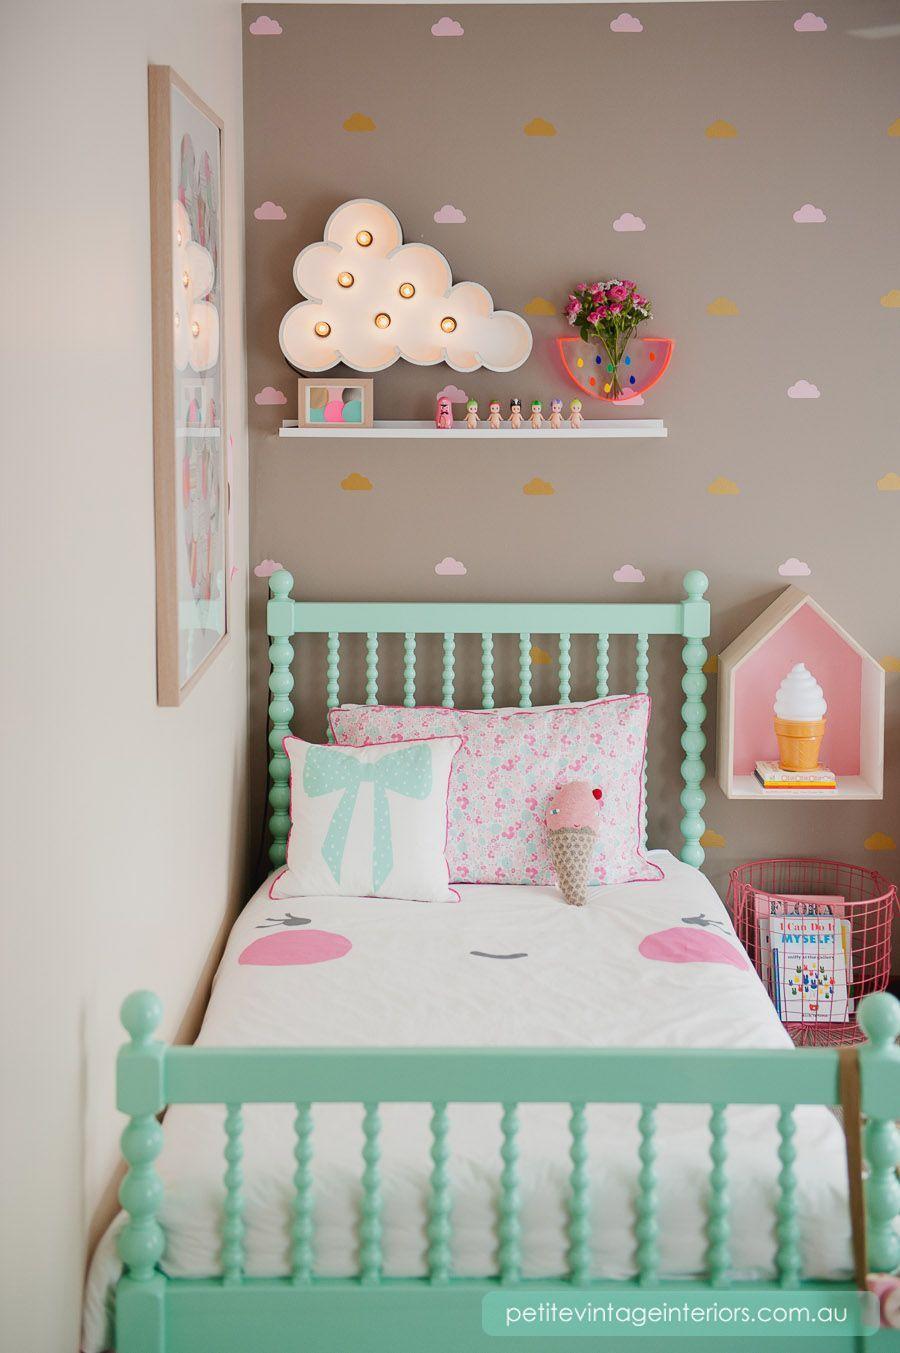 Baby Blue Bedroom Girl: Decoração Para Quarto Infantil: Ideias Fofas E Divertidas